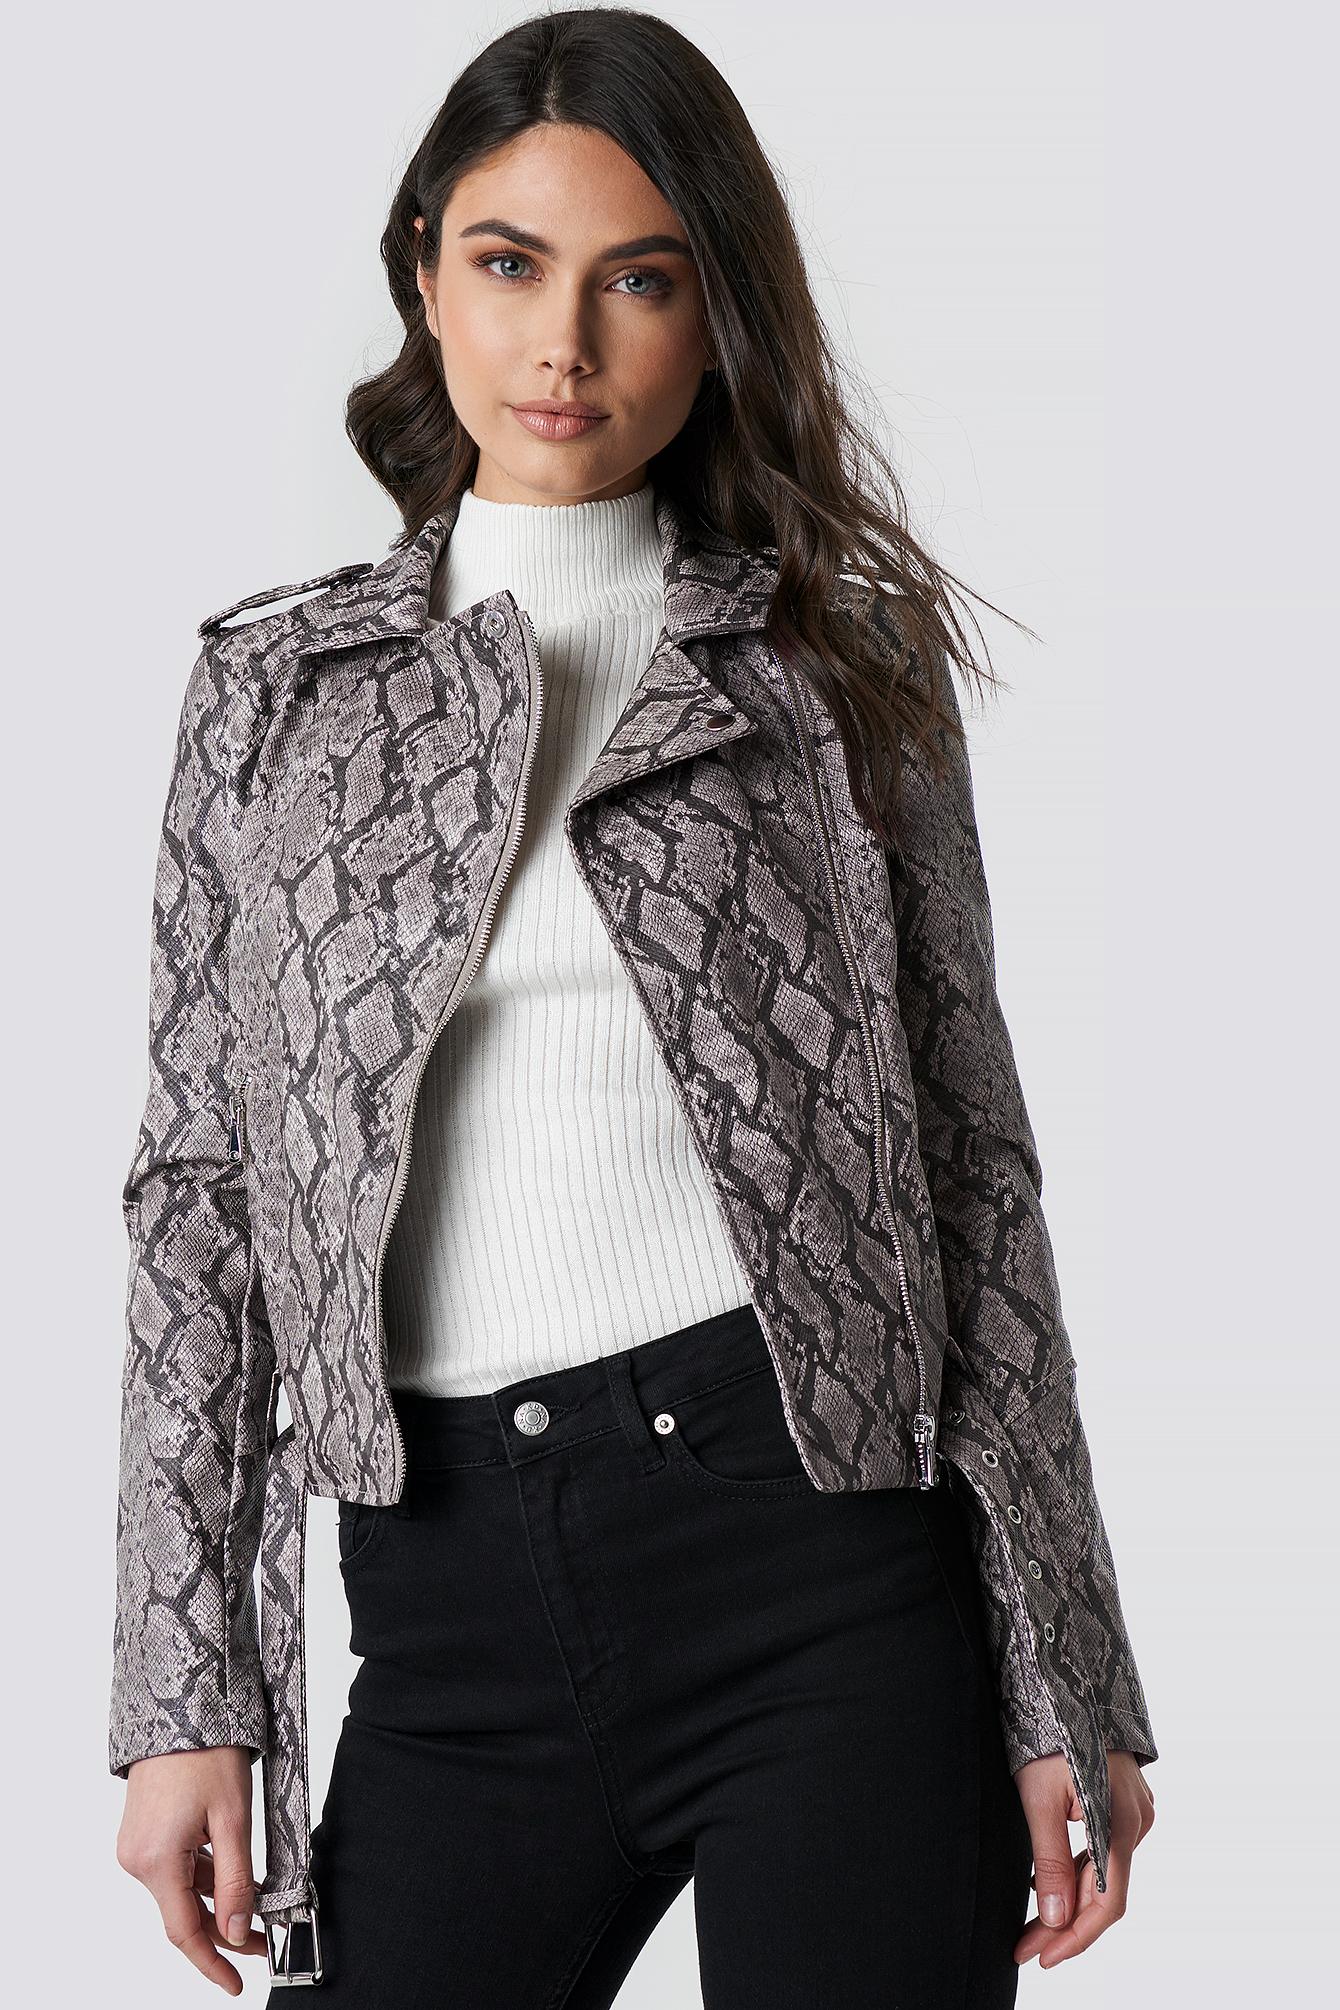 na-kd -  Snake Print Biker Jacket - Grey,Multicolor